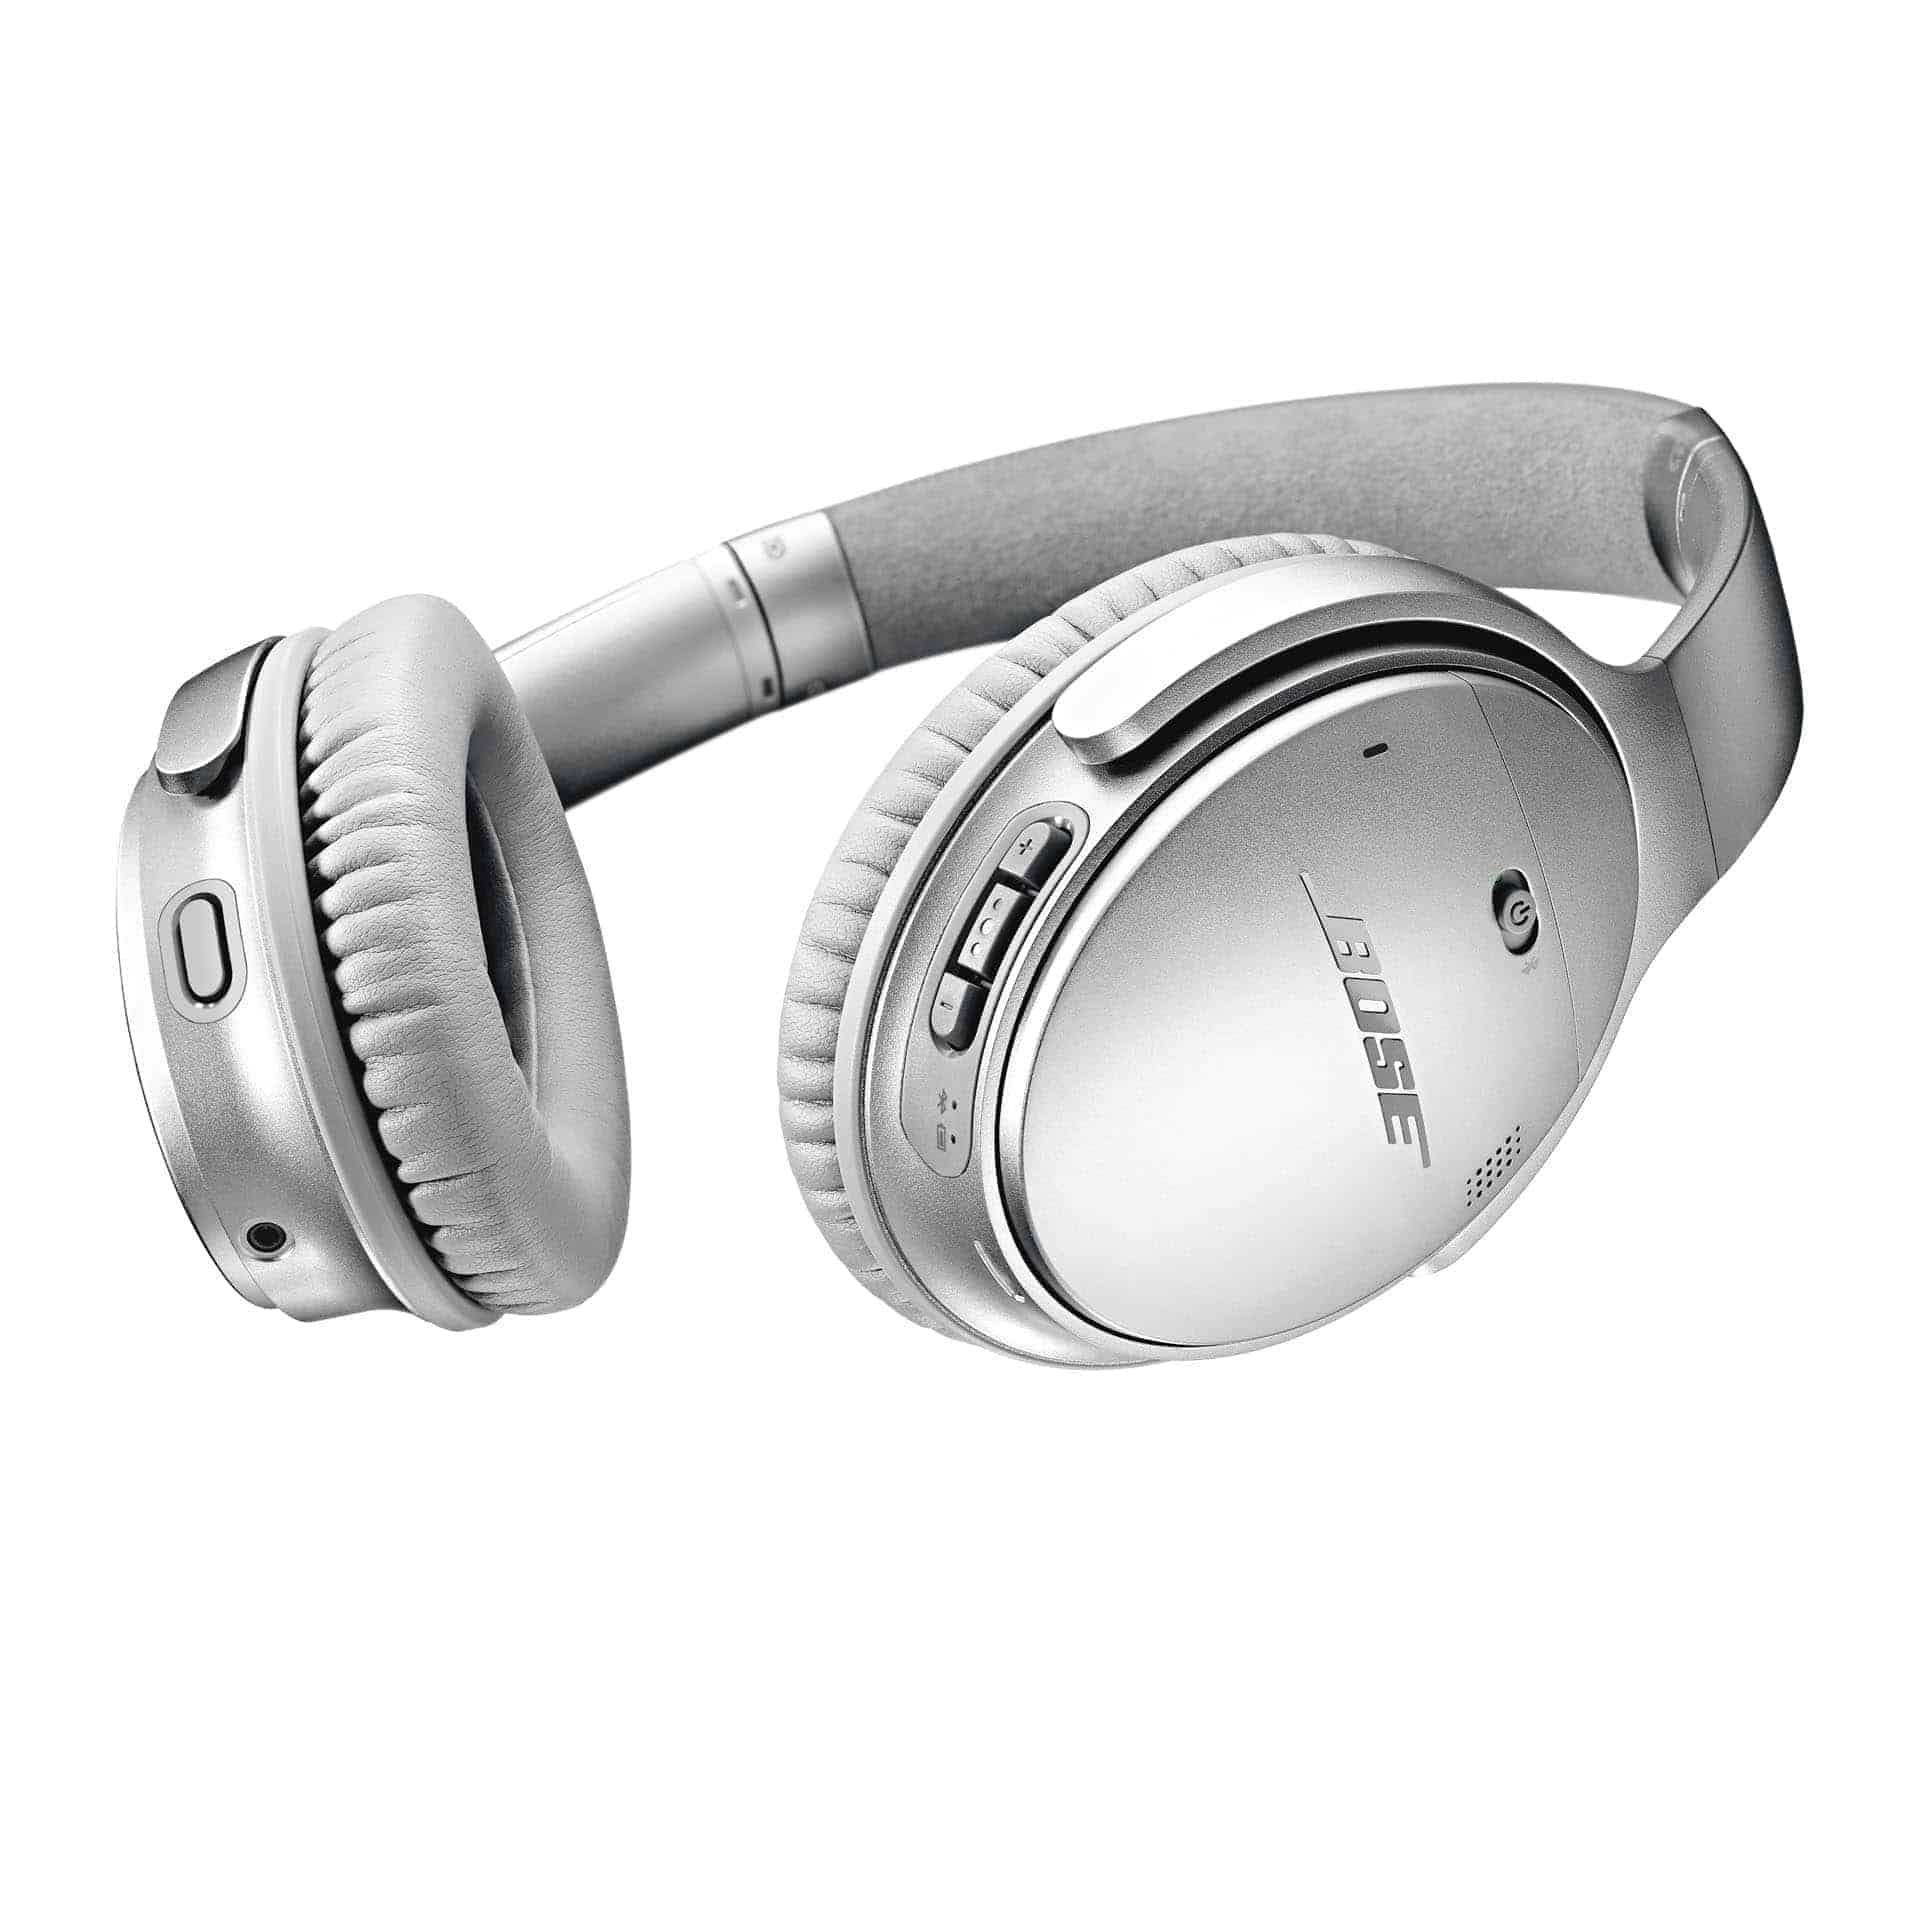 Bose QuietComfort 35 II Promo 1 of 7